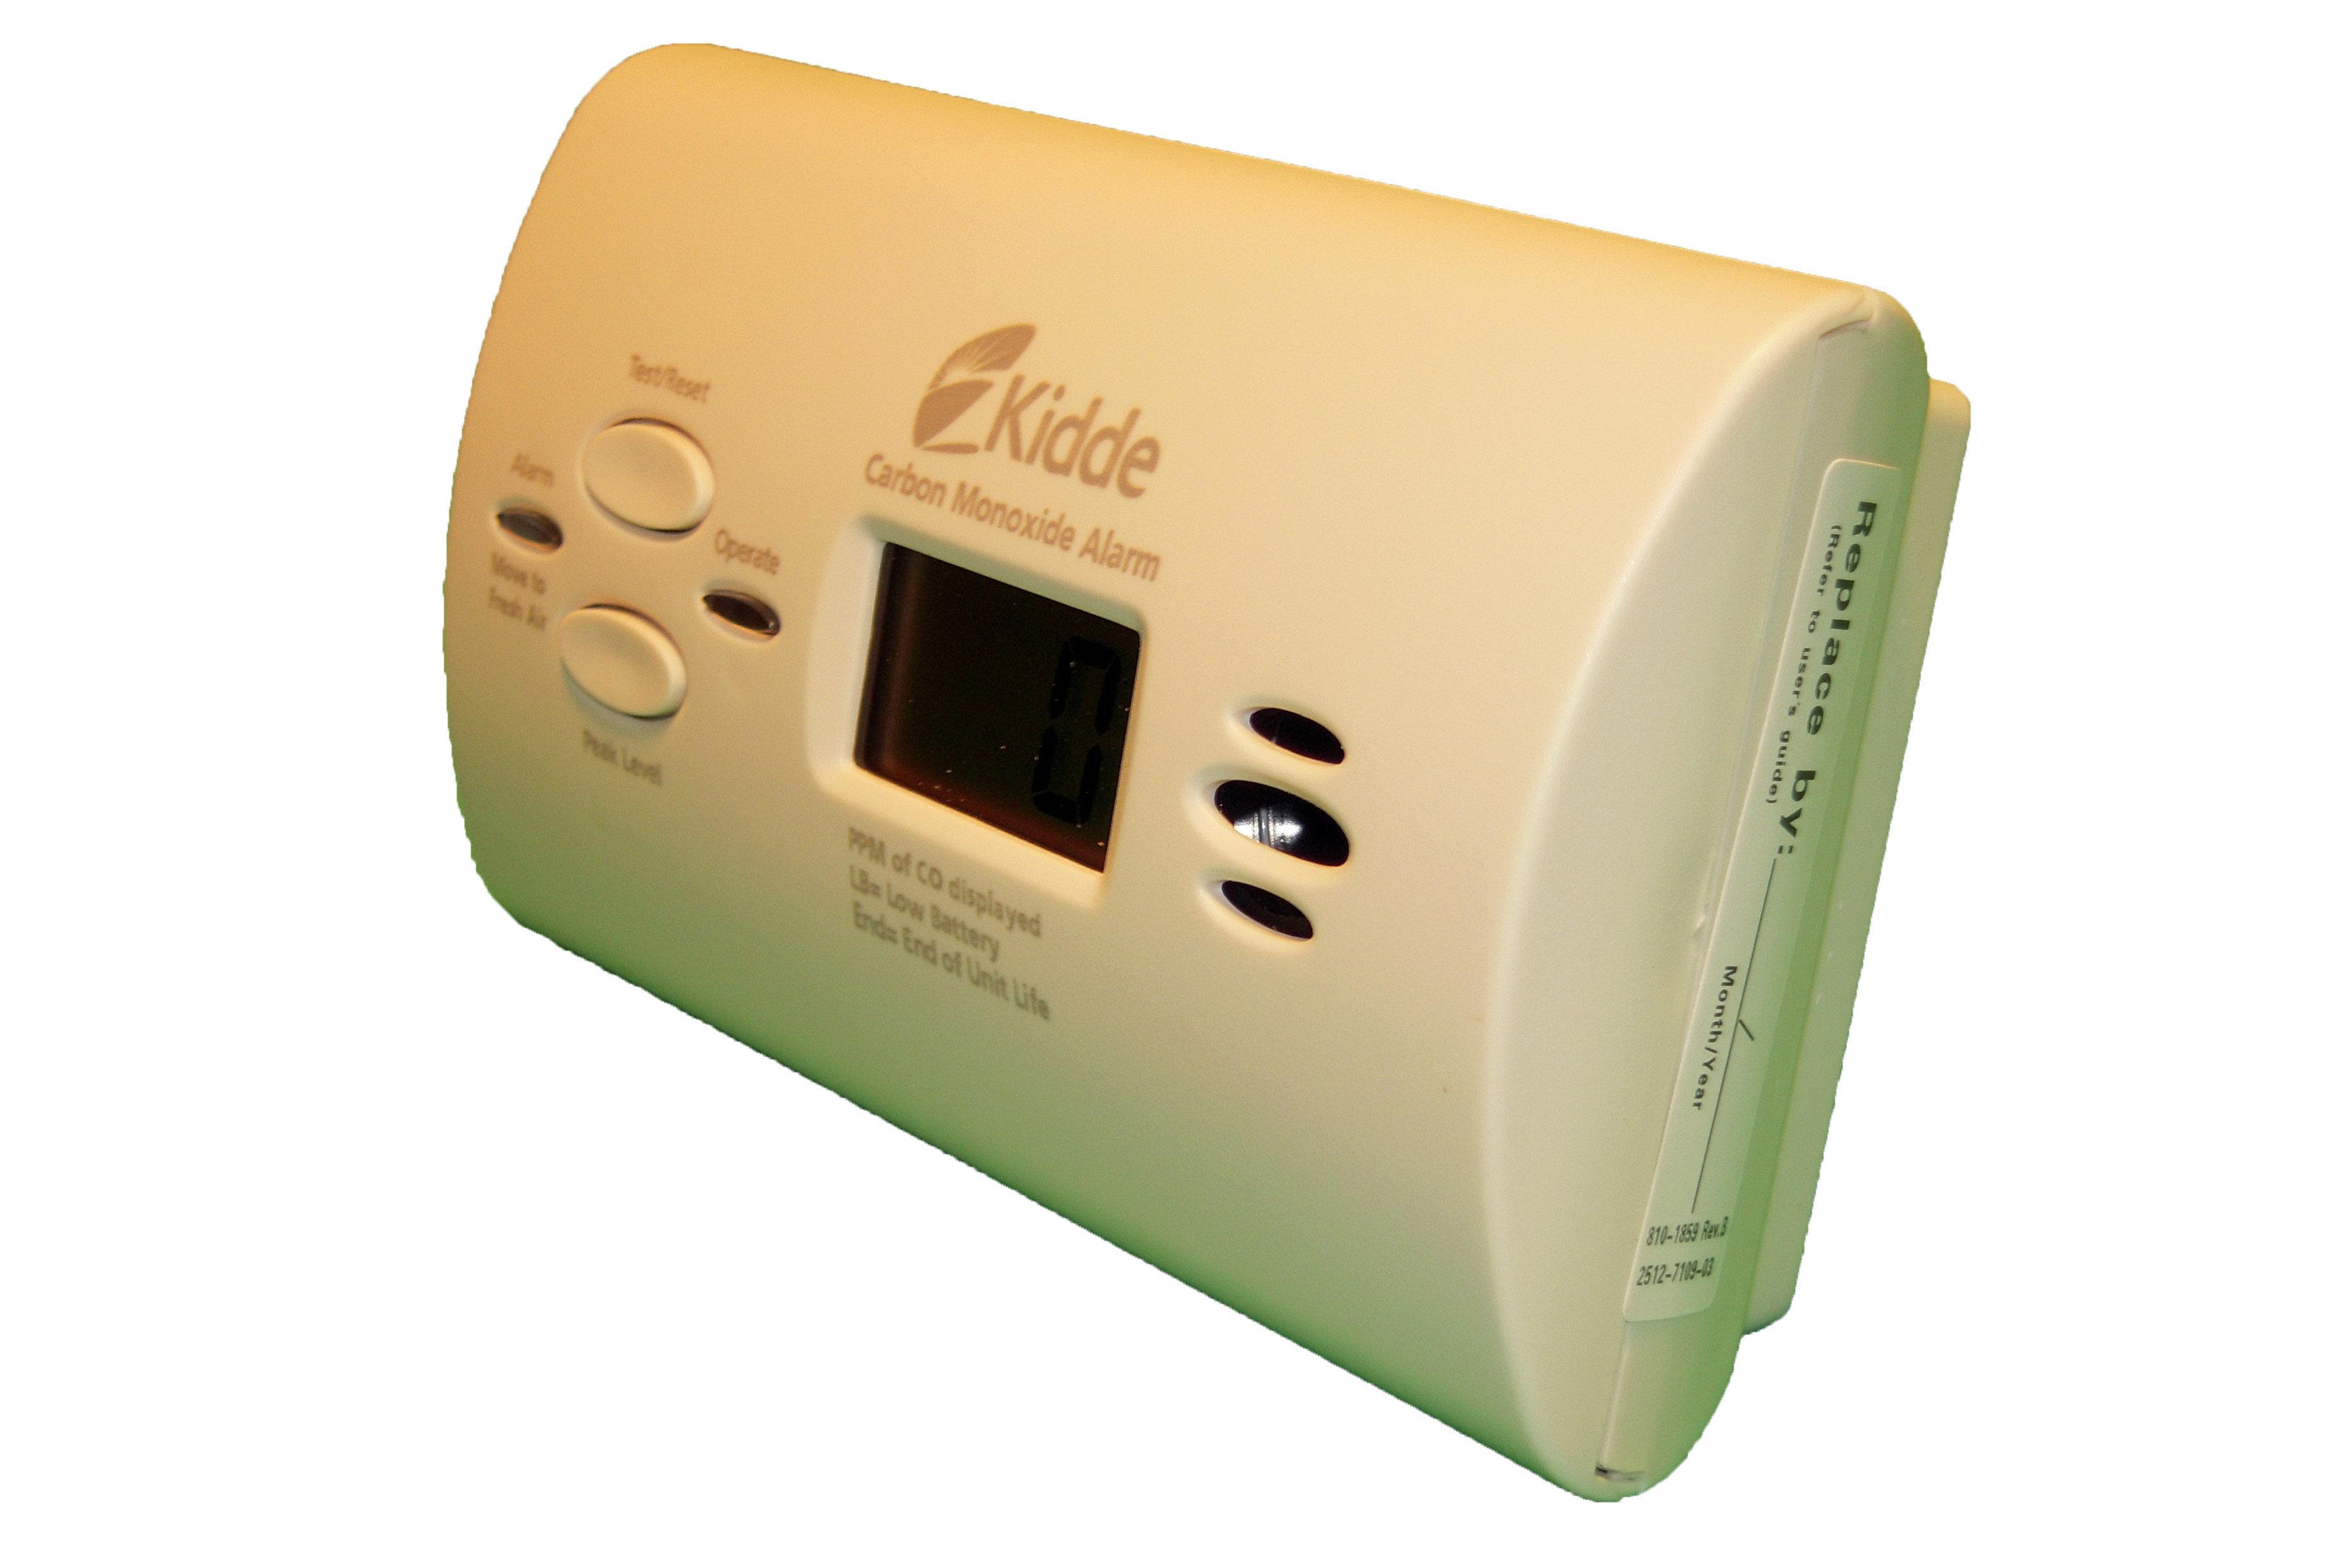 kidde battery operated carbon monoxide alarm with digital. Black Bedroom Furniture Sets. Home Design Ideas